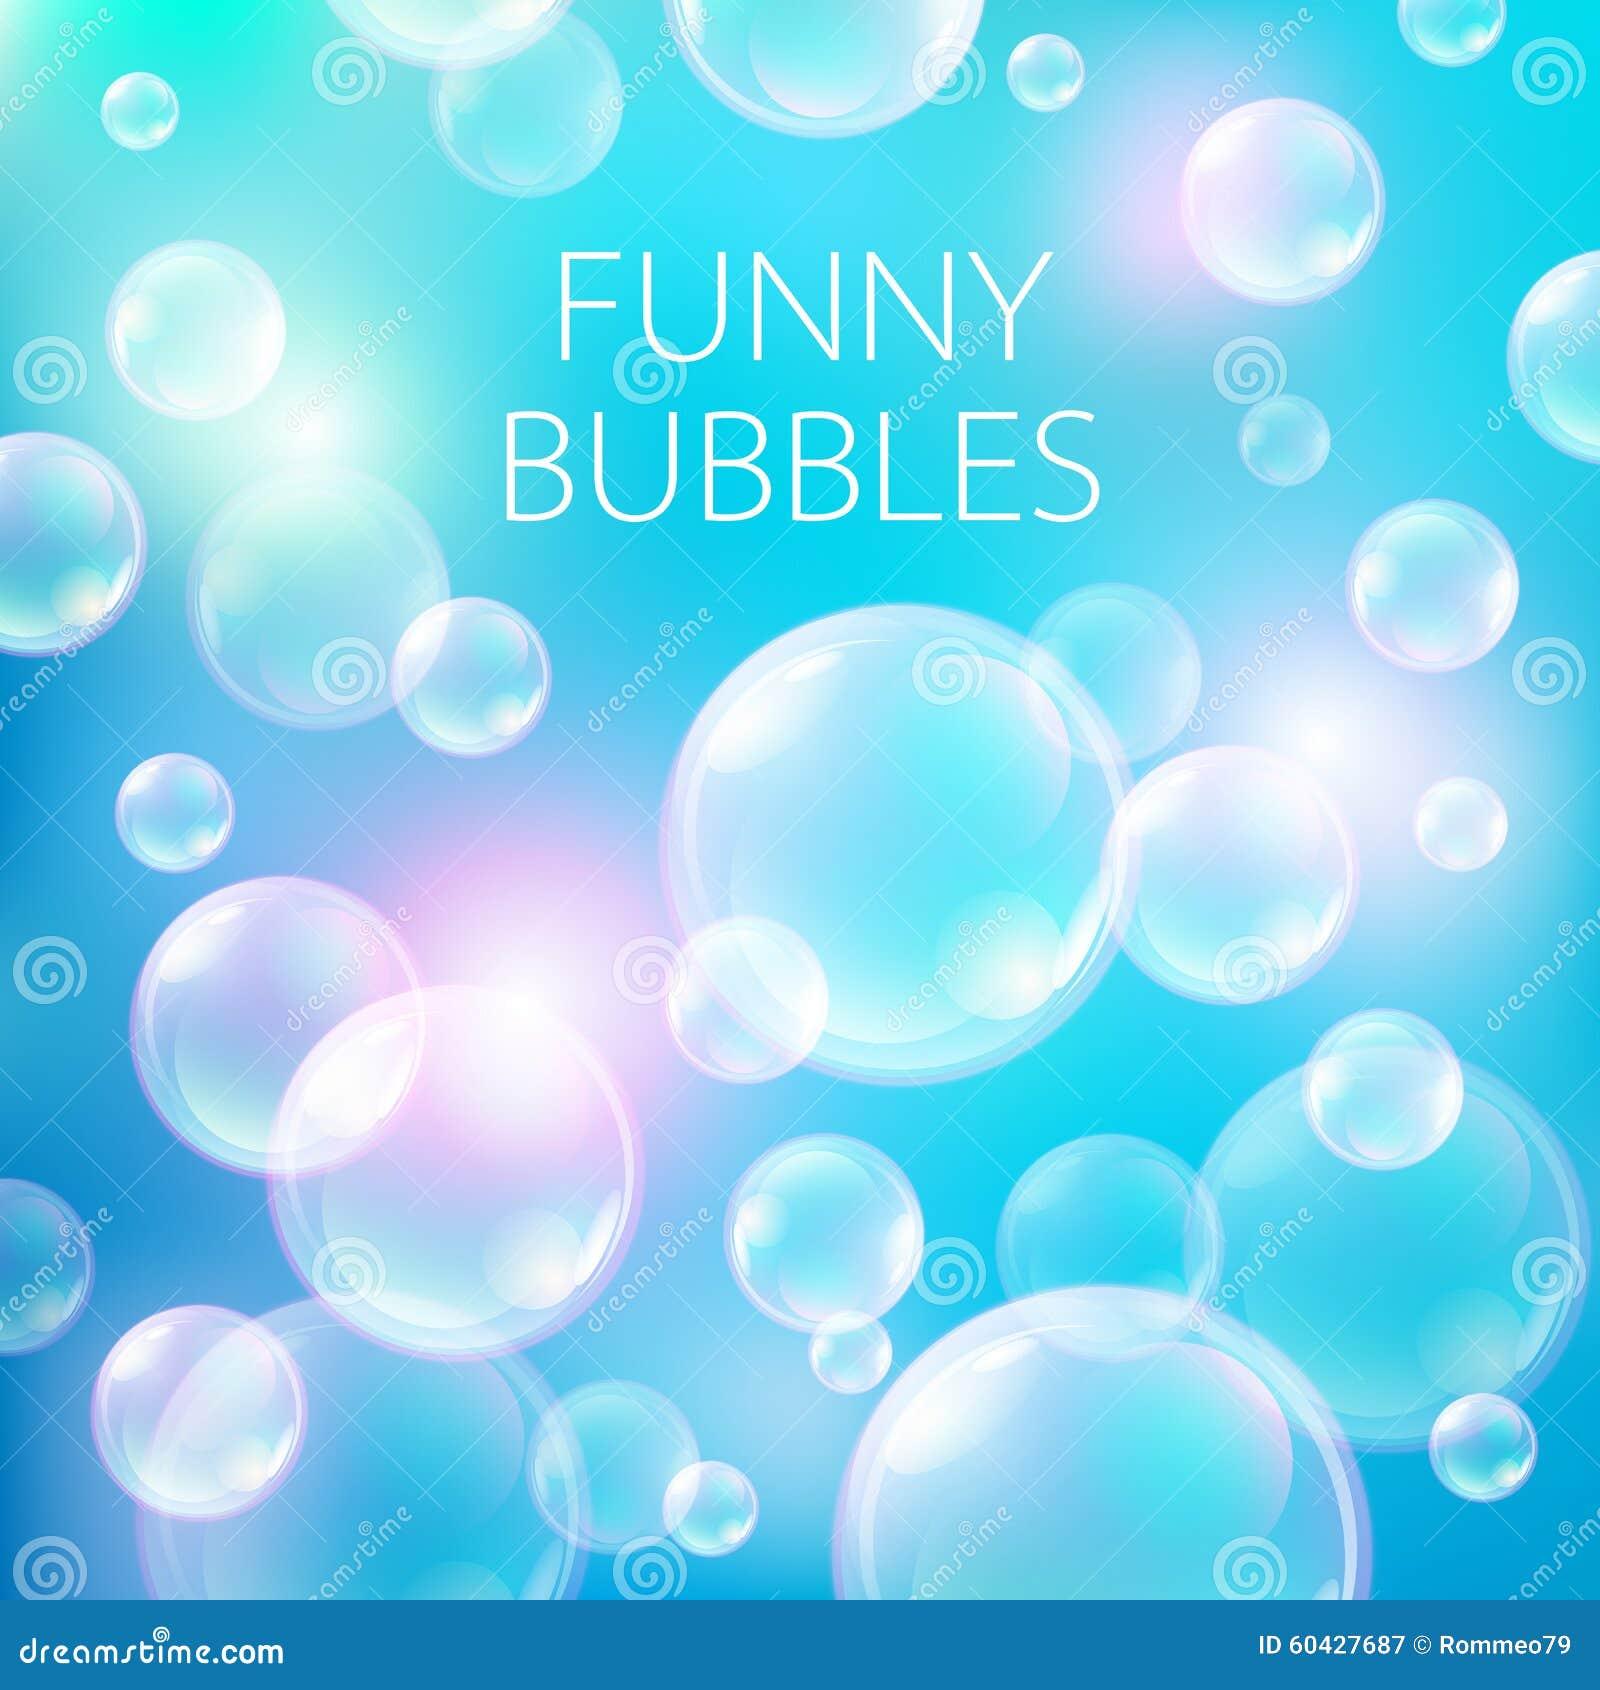 desagradable gratis tope de burbuja